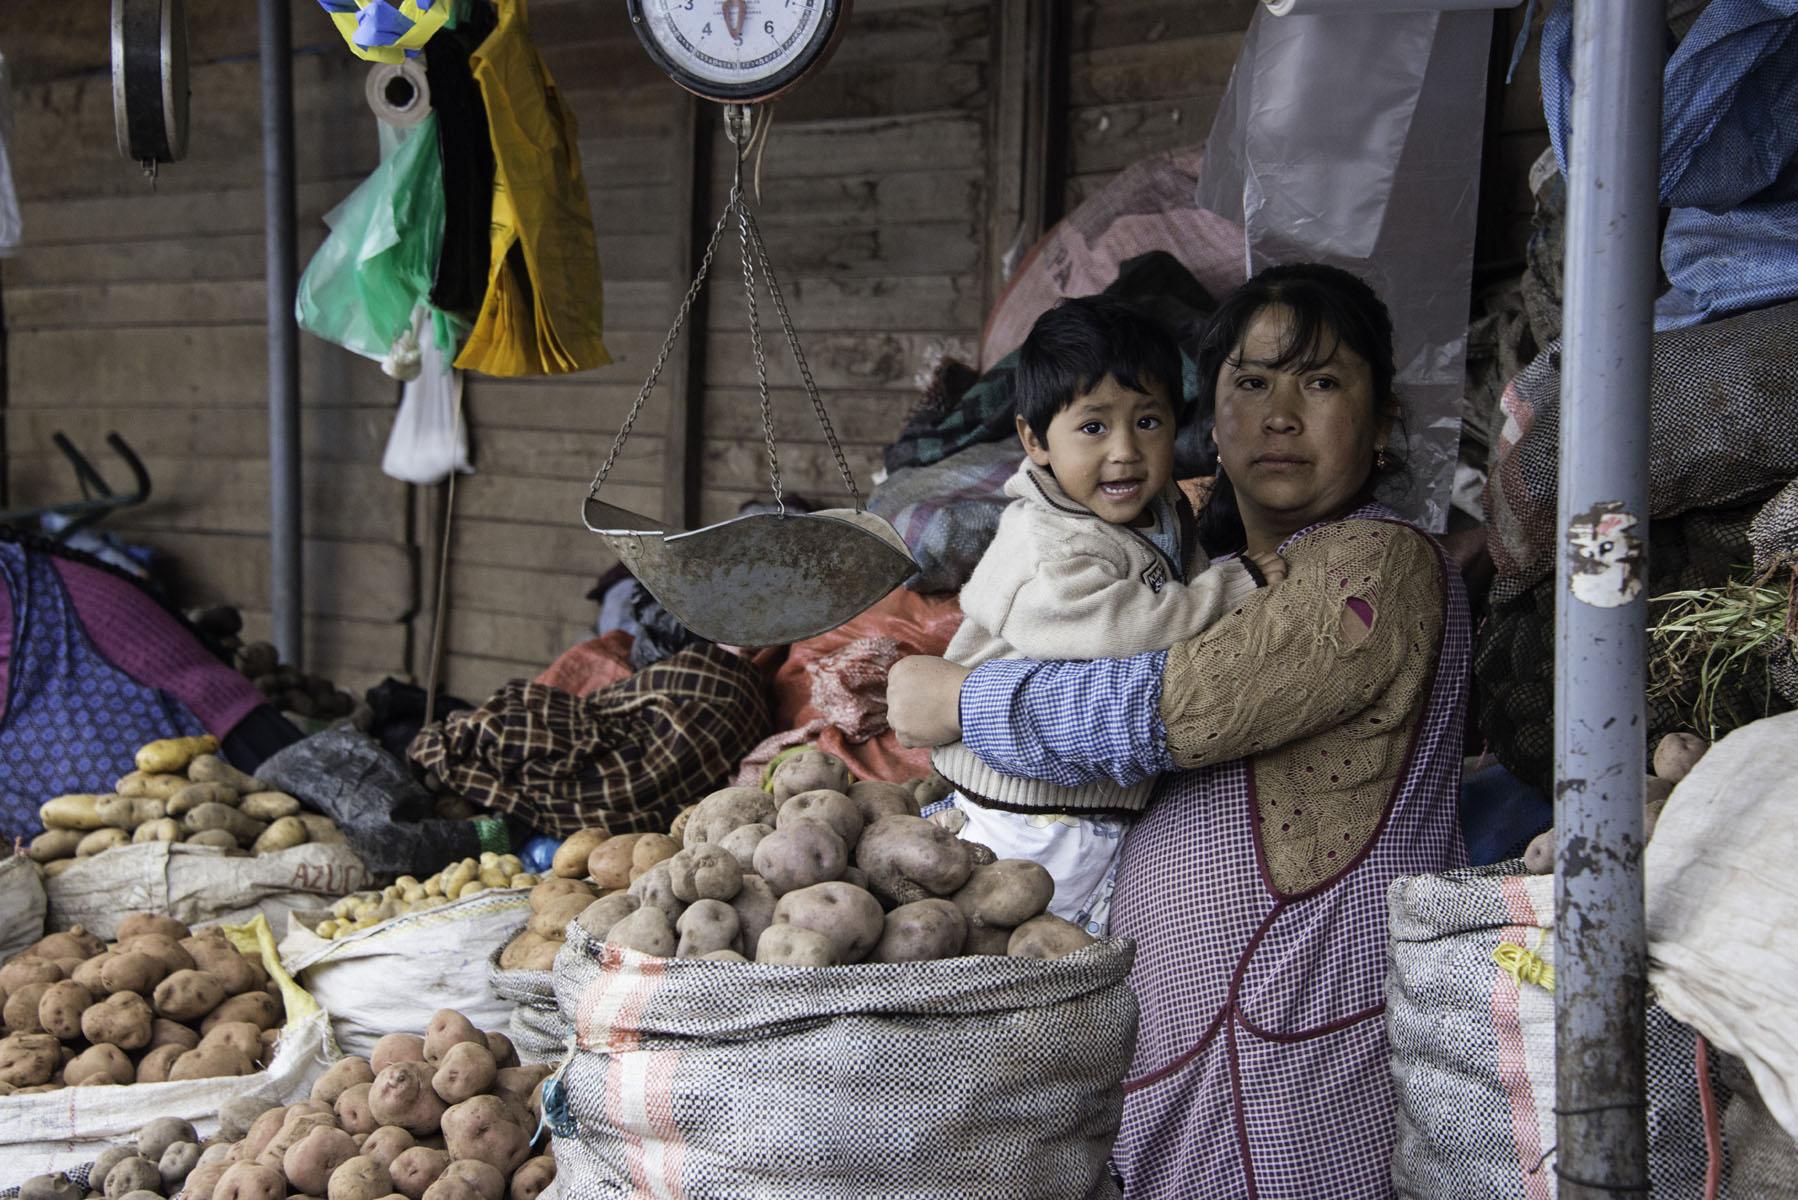 303-Peru-5-15_web.jpg